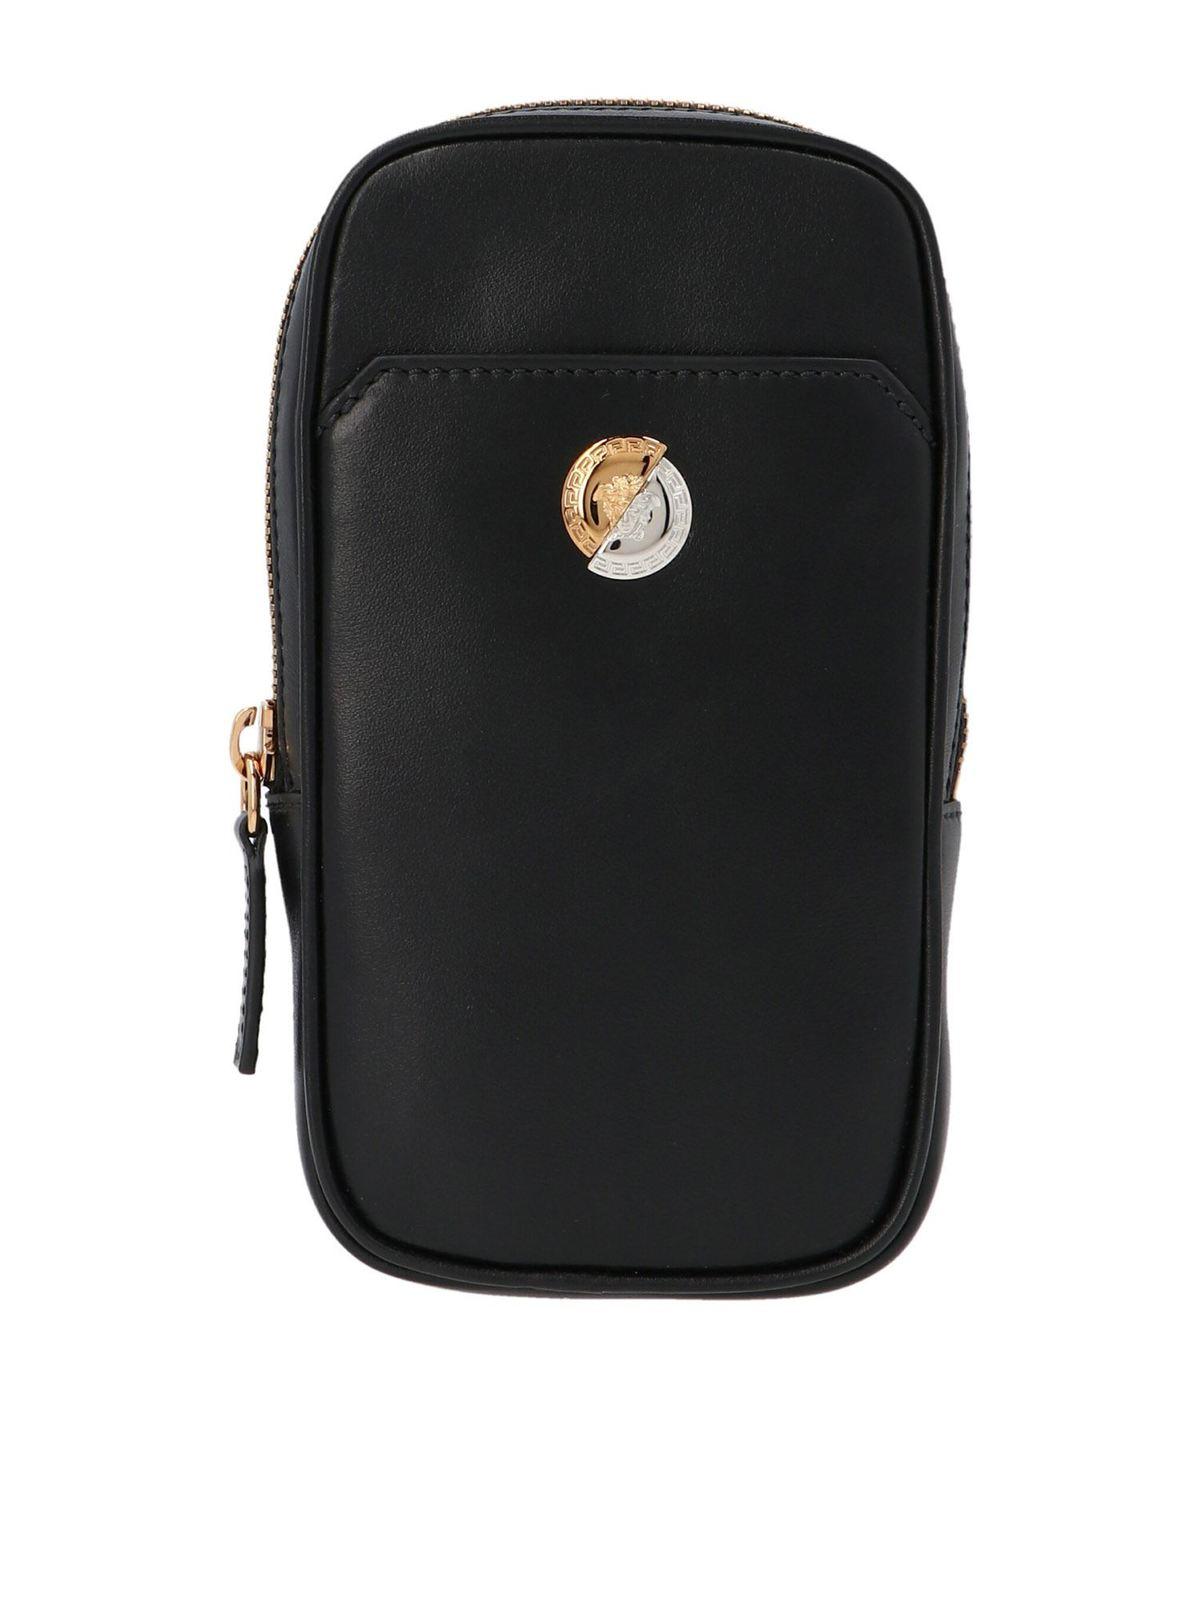 Versace MEDUSA DEMI SHOULDER BAG IN BLACK